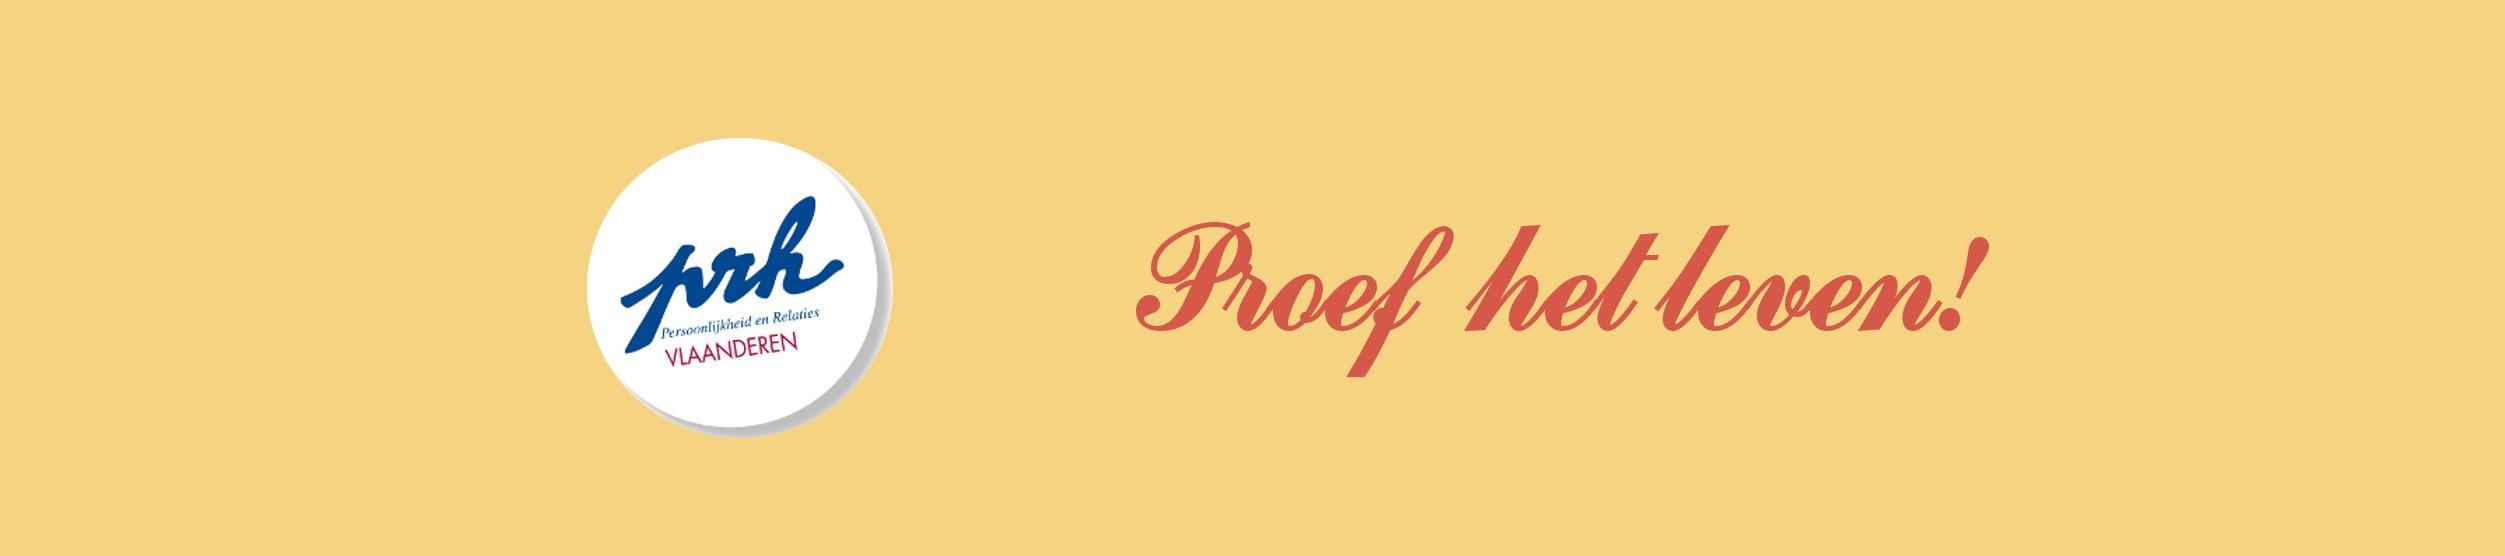 proef-het-leven-banner